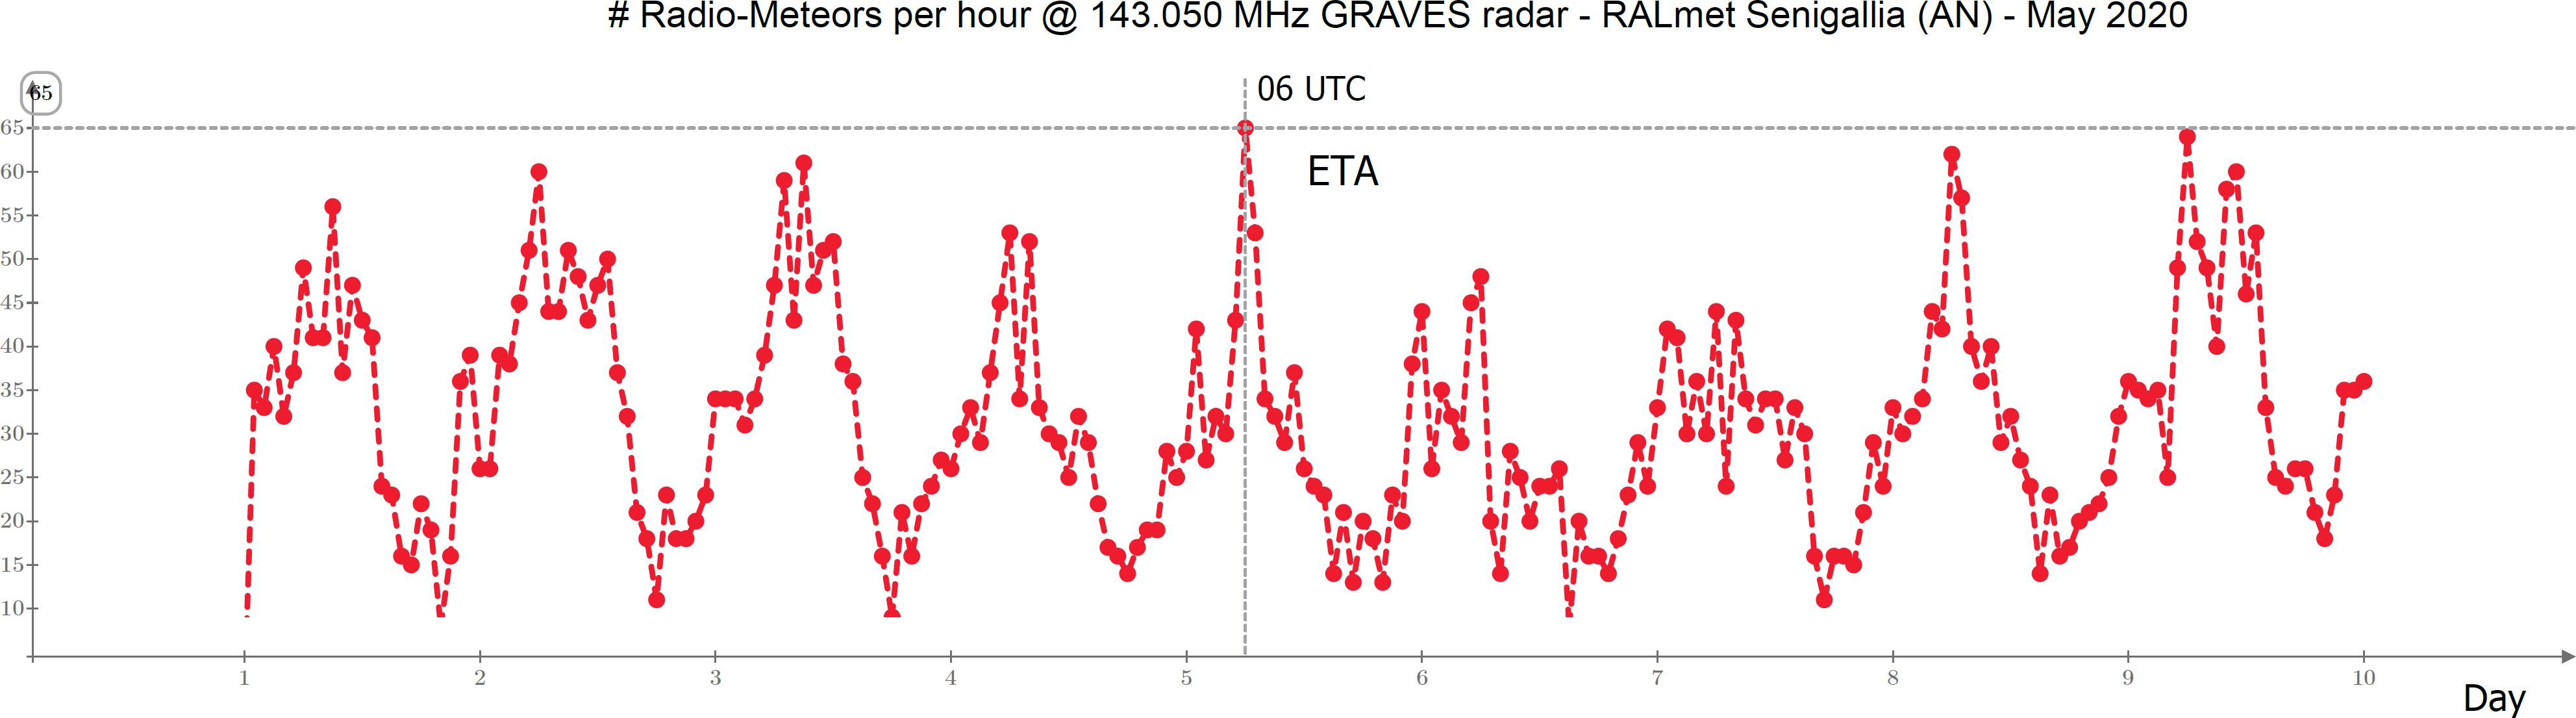 Frequenza oraria delle radiometeore catturate dalla stazione RALmet nei giorni 1-9 Maggio 2020: si nota il picco associato allo sciame delle Eta Aquaridi avvenuto il 5 Maggio all'alba.